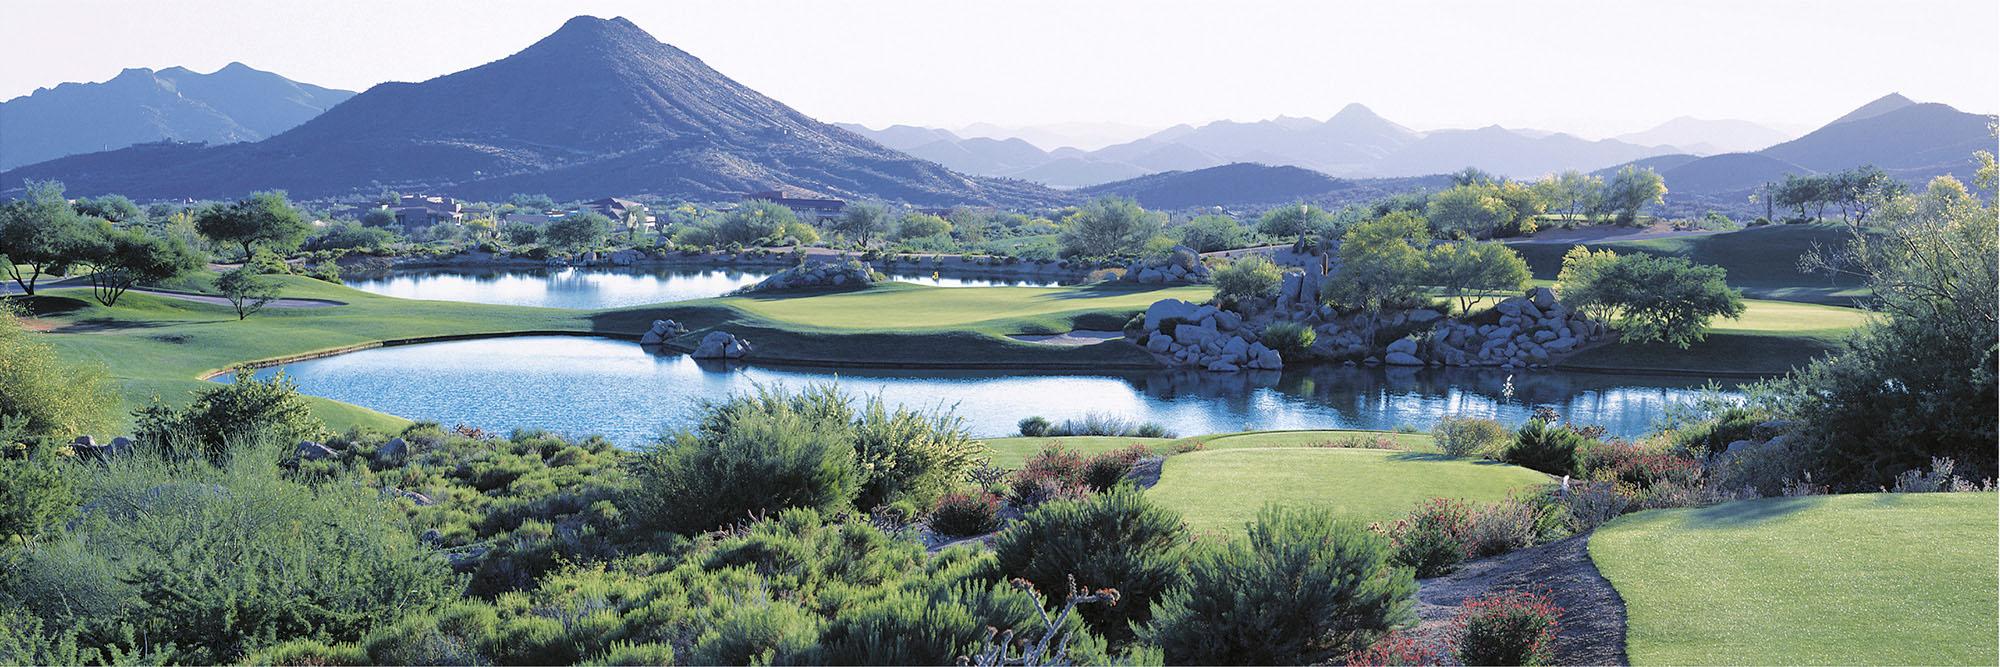 Golf Course Image - Desert Mountain Cochise No. 7